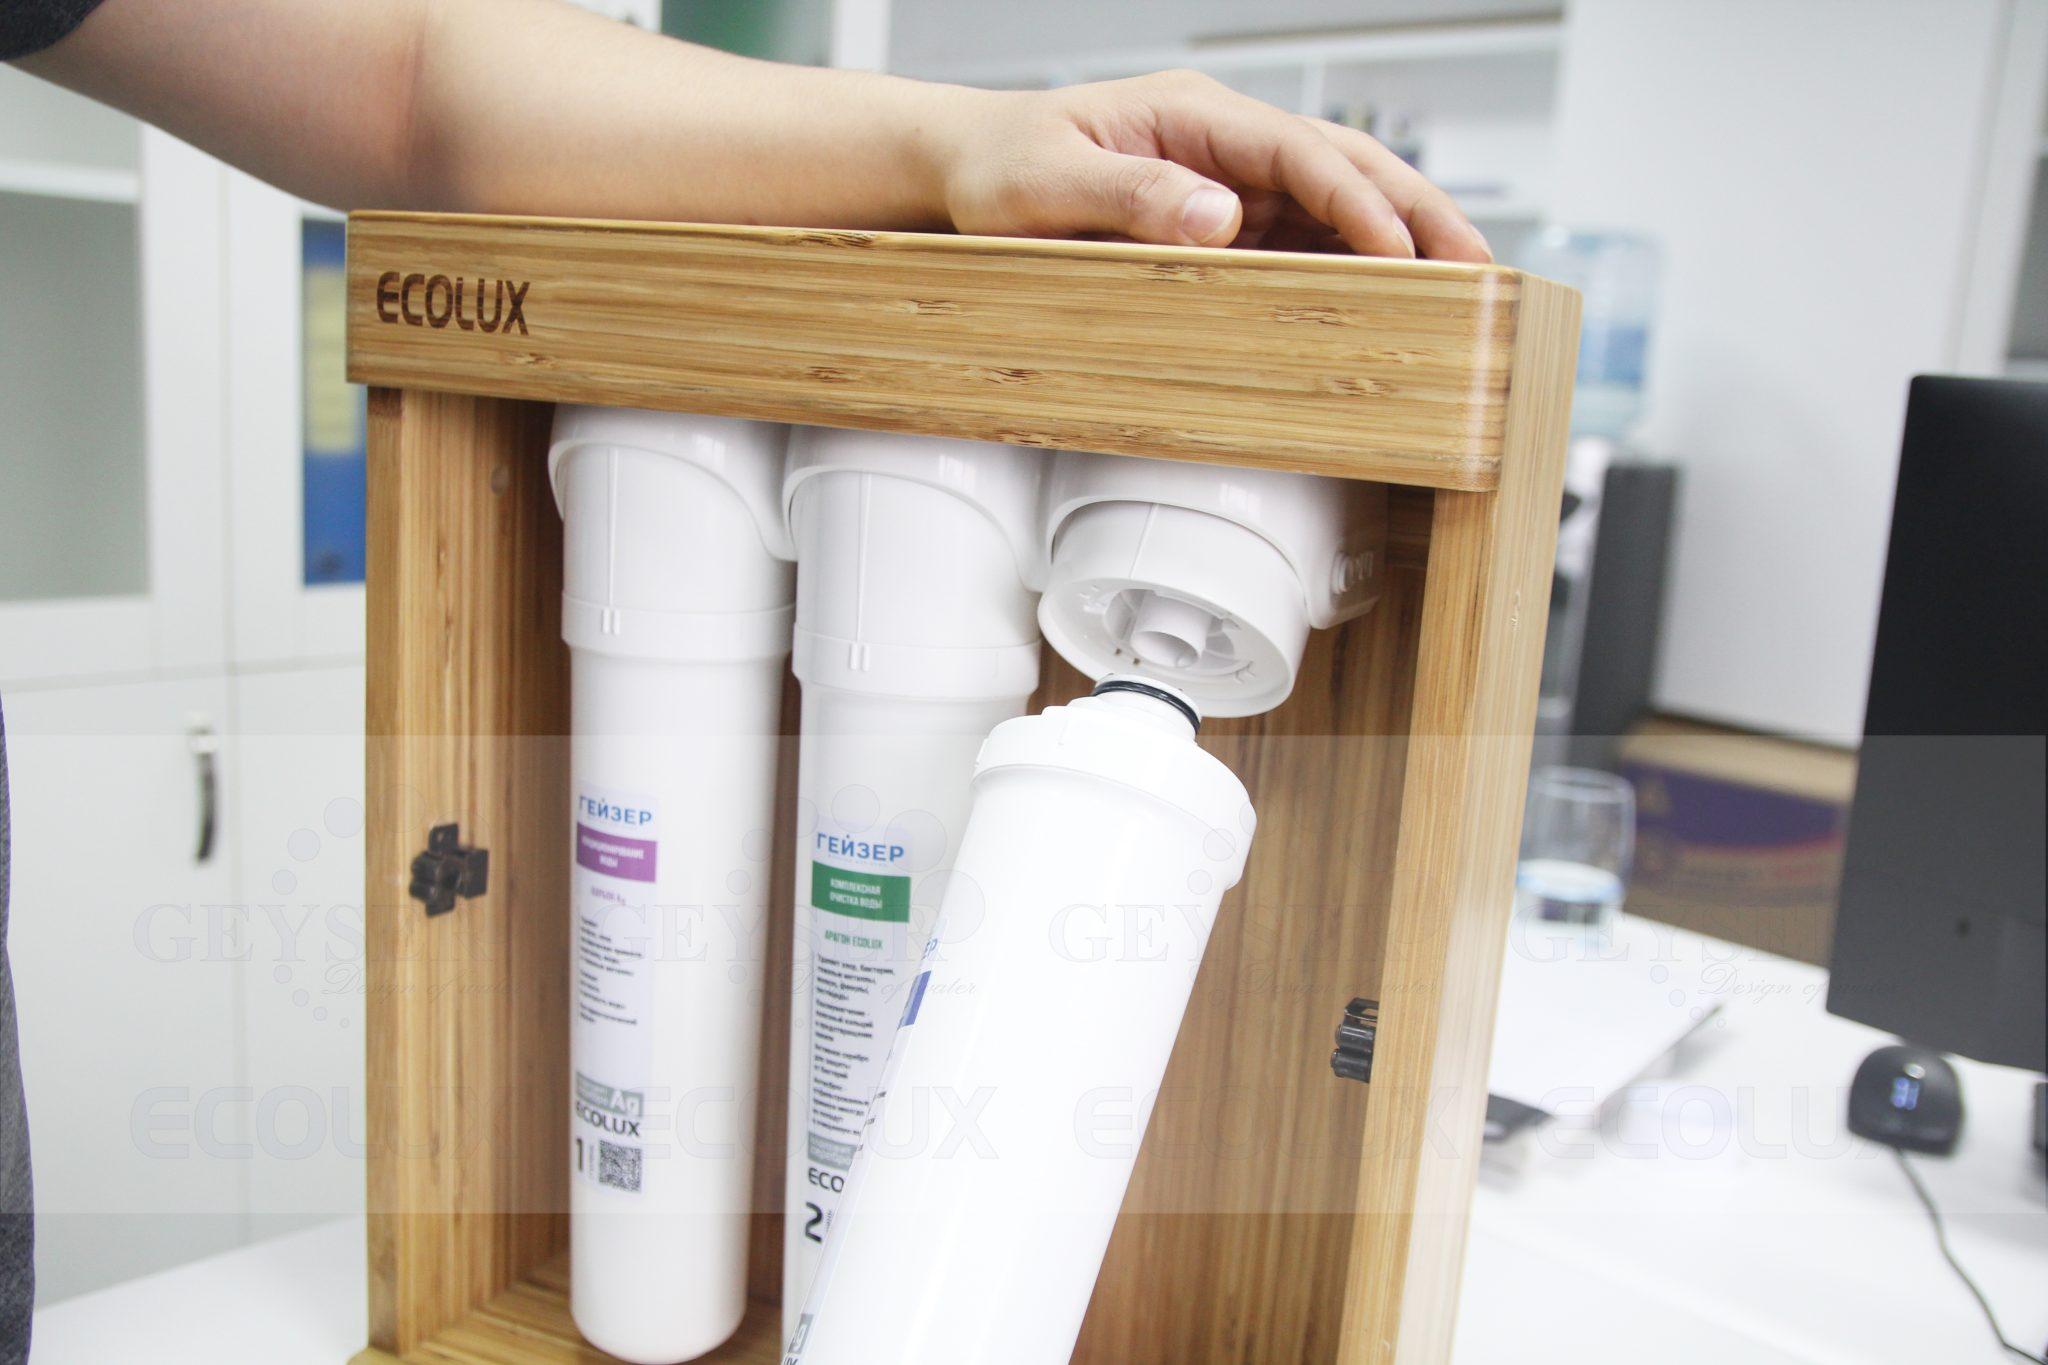 Máy lọc nước nano Geyser Ecolux nguyên chiếc cấu tạo nguyên khối tháo lắp dễ dàng